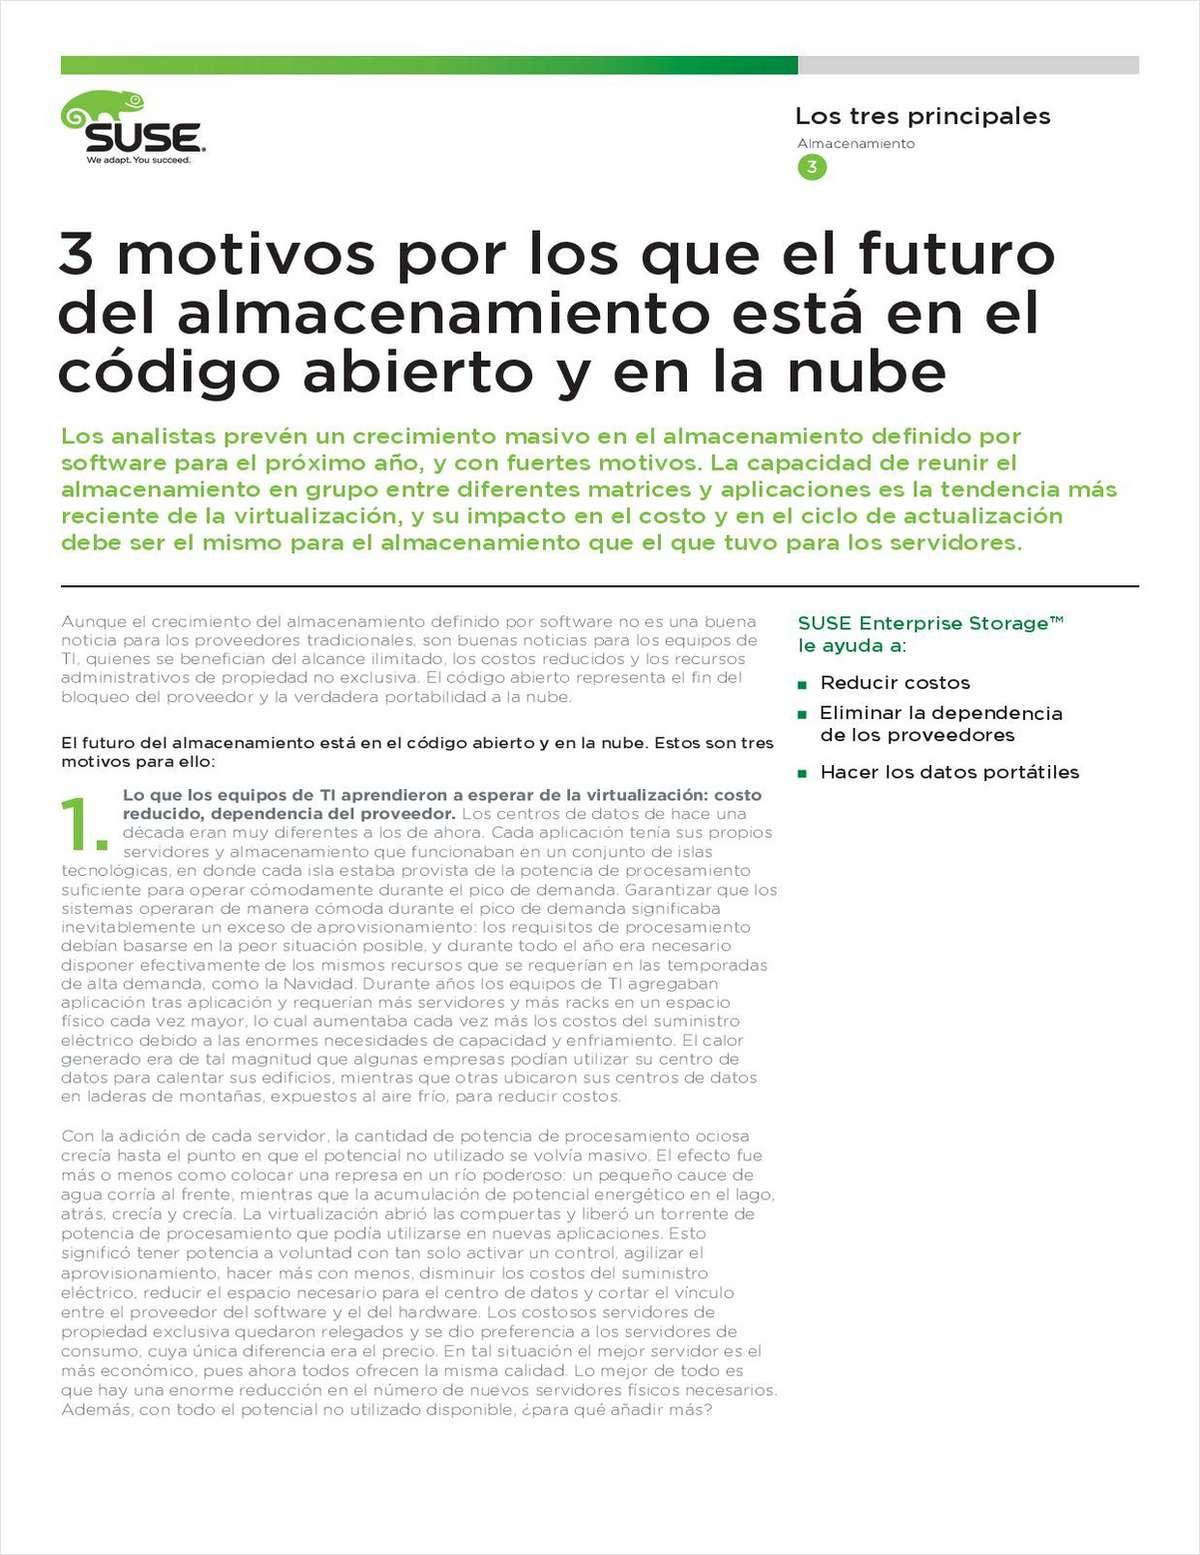 3 motivos por los que el future del almacenamiento está en el código abierto y en la nube